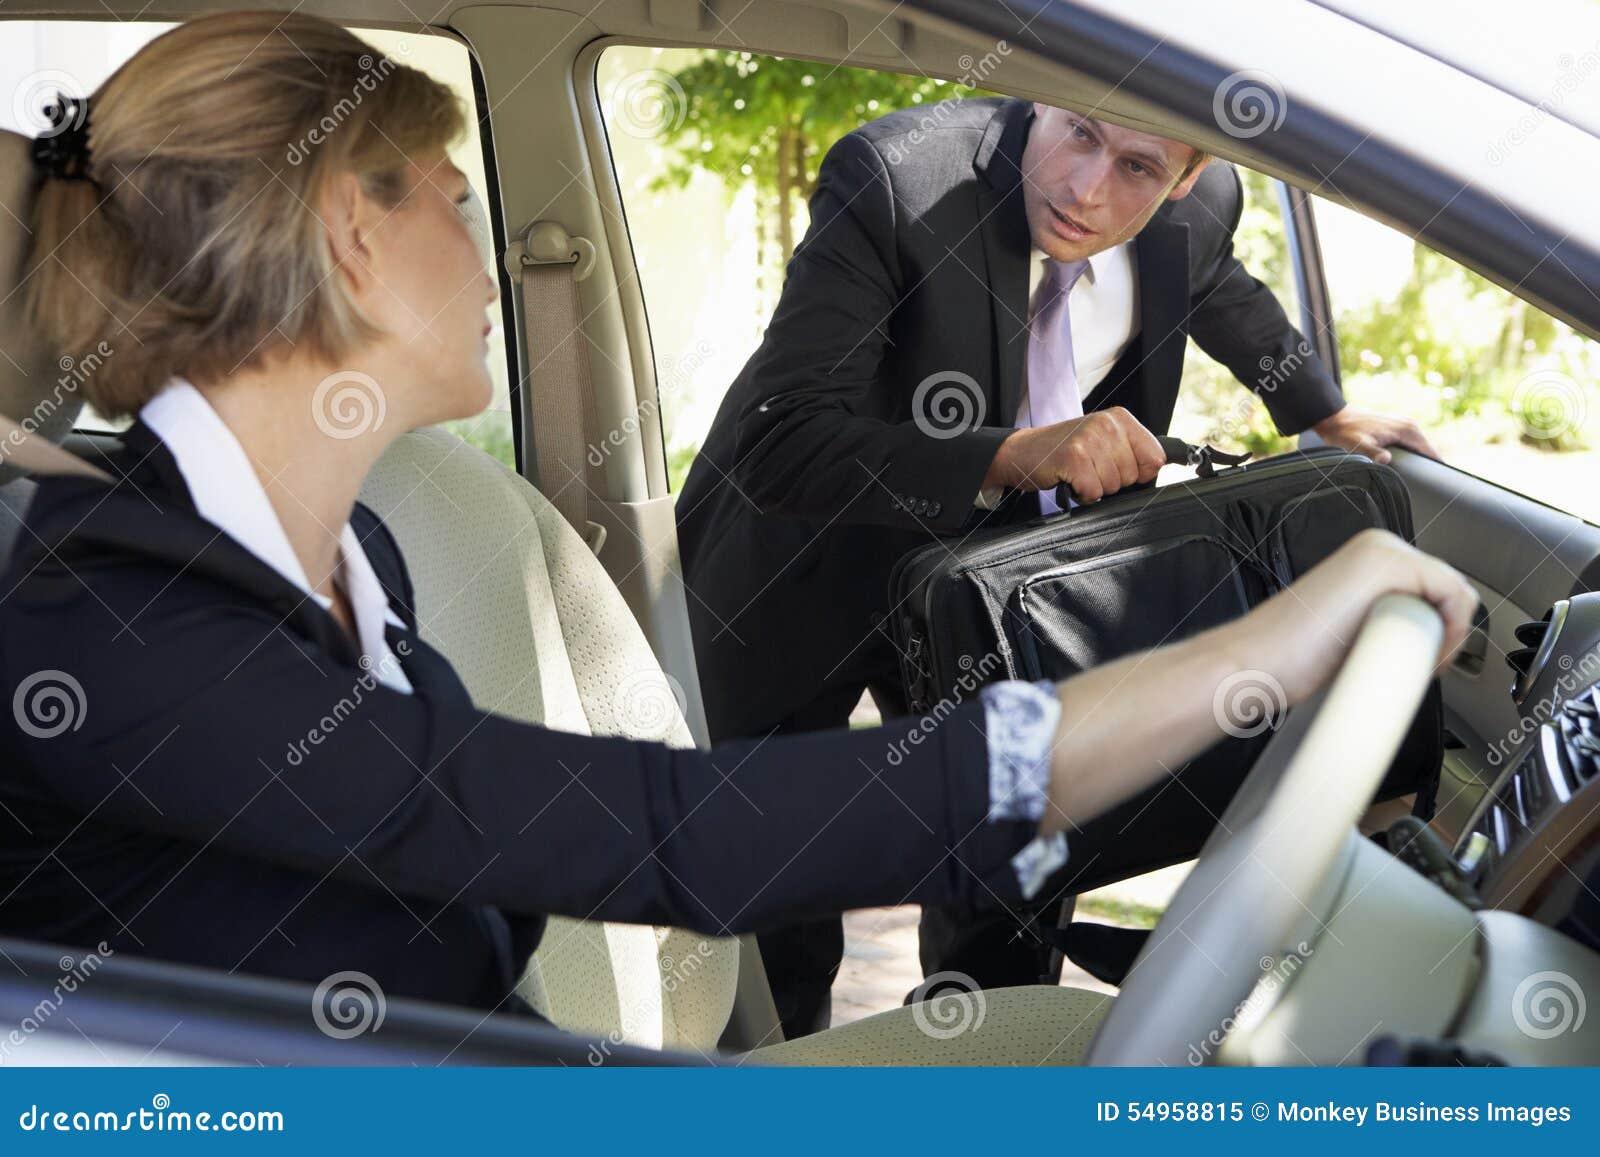 Επιχειρηματίας αργά για το αυτοκίνητο που συγκεντρώνει το ταξίδι στην εργασία